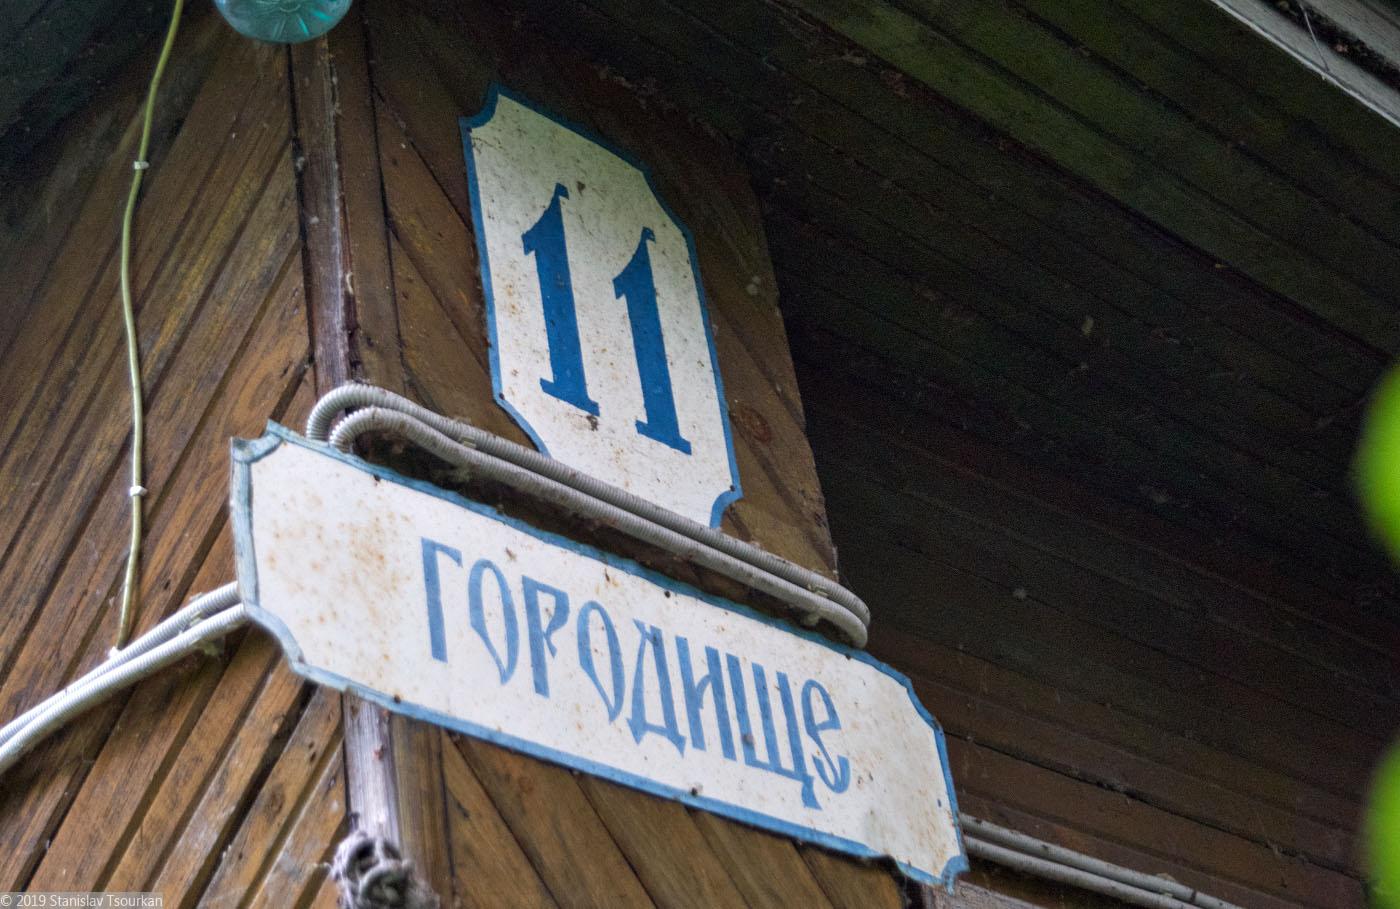 Вологодская область, Вологодчина, Великий устюг, Русский север, Городище, улица Городище